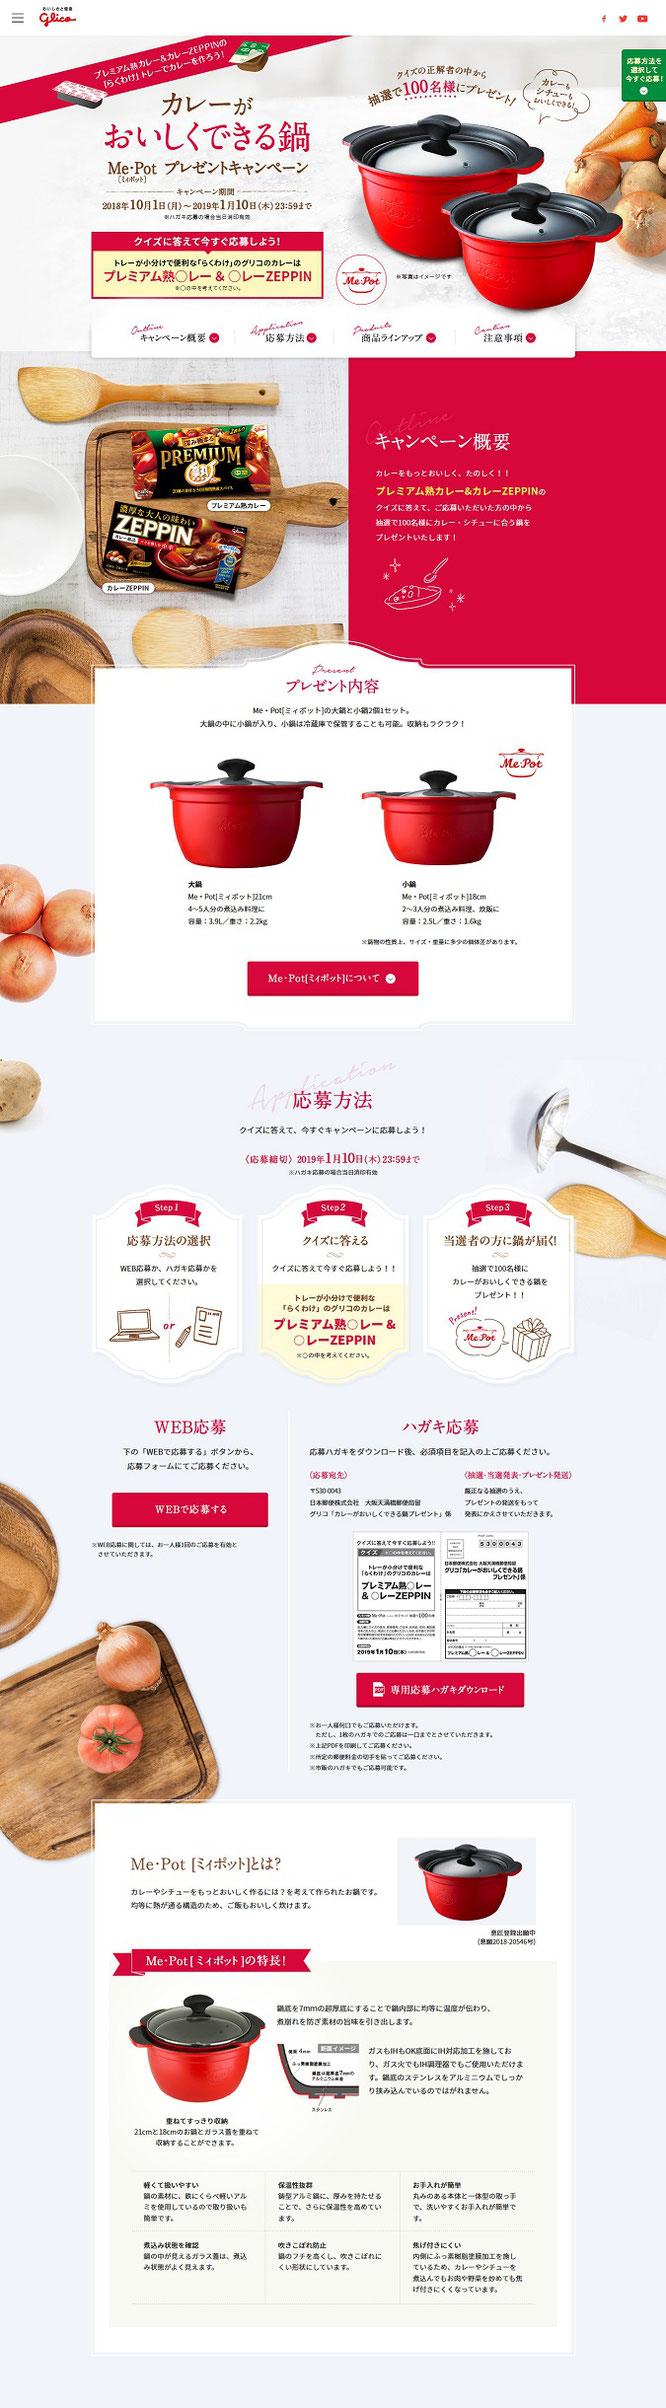 【グリコ】カレーがおいしくできる鍋プレゼントキャンペーン